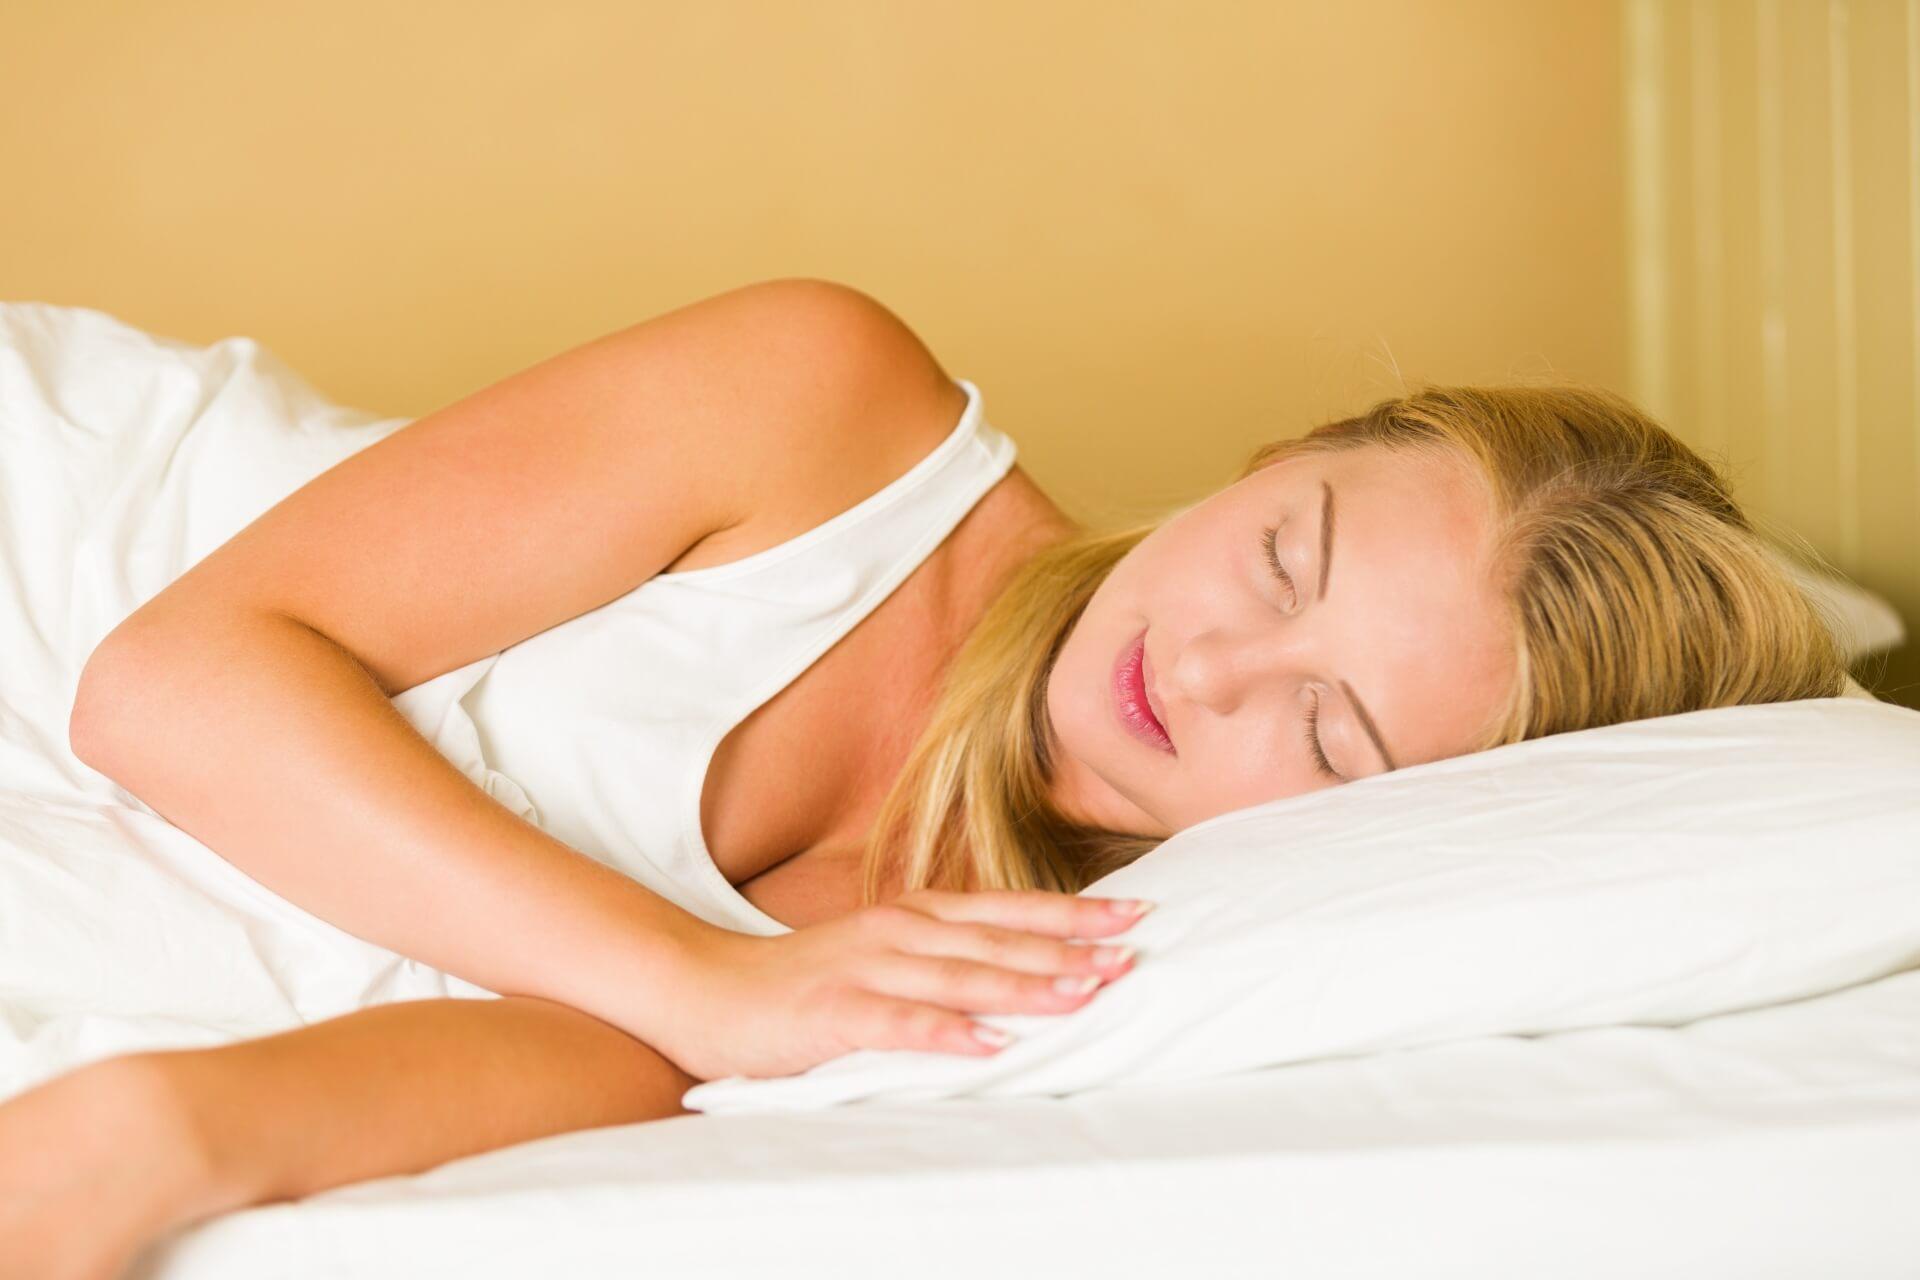 睡不好怎麼打拚? 營養師推這5種助眠食物